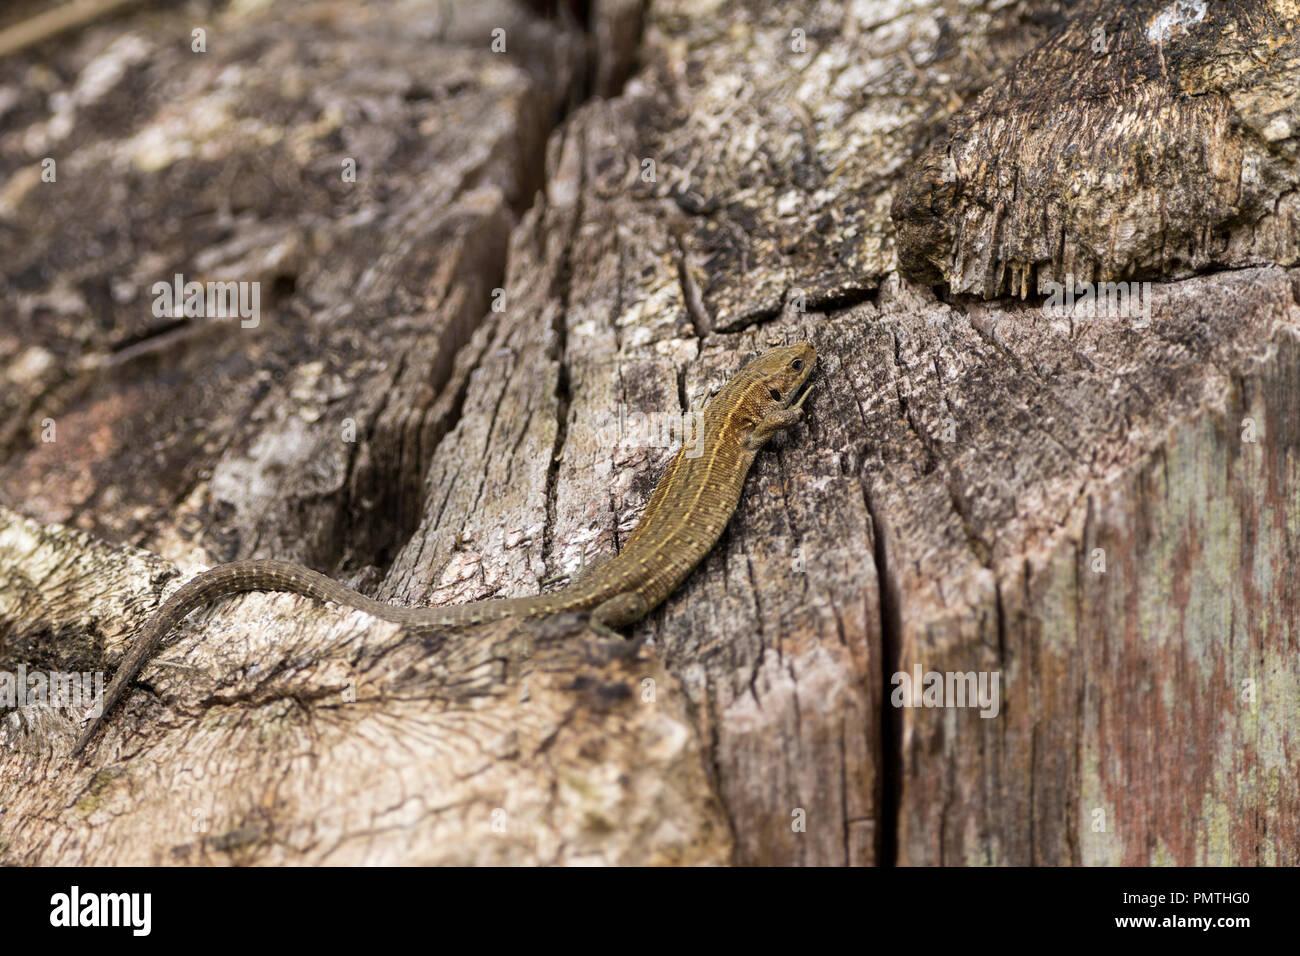 Lizard gemeinsame (Lacerta vivipara) Sonnenbaden auf warmen Baumstumpf. Grau braun färben mit variablen Markierungen und Muster dieses hat einen sehr langen Schwanz Stockbild